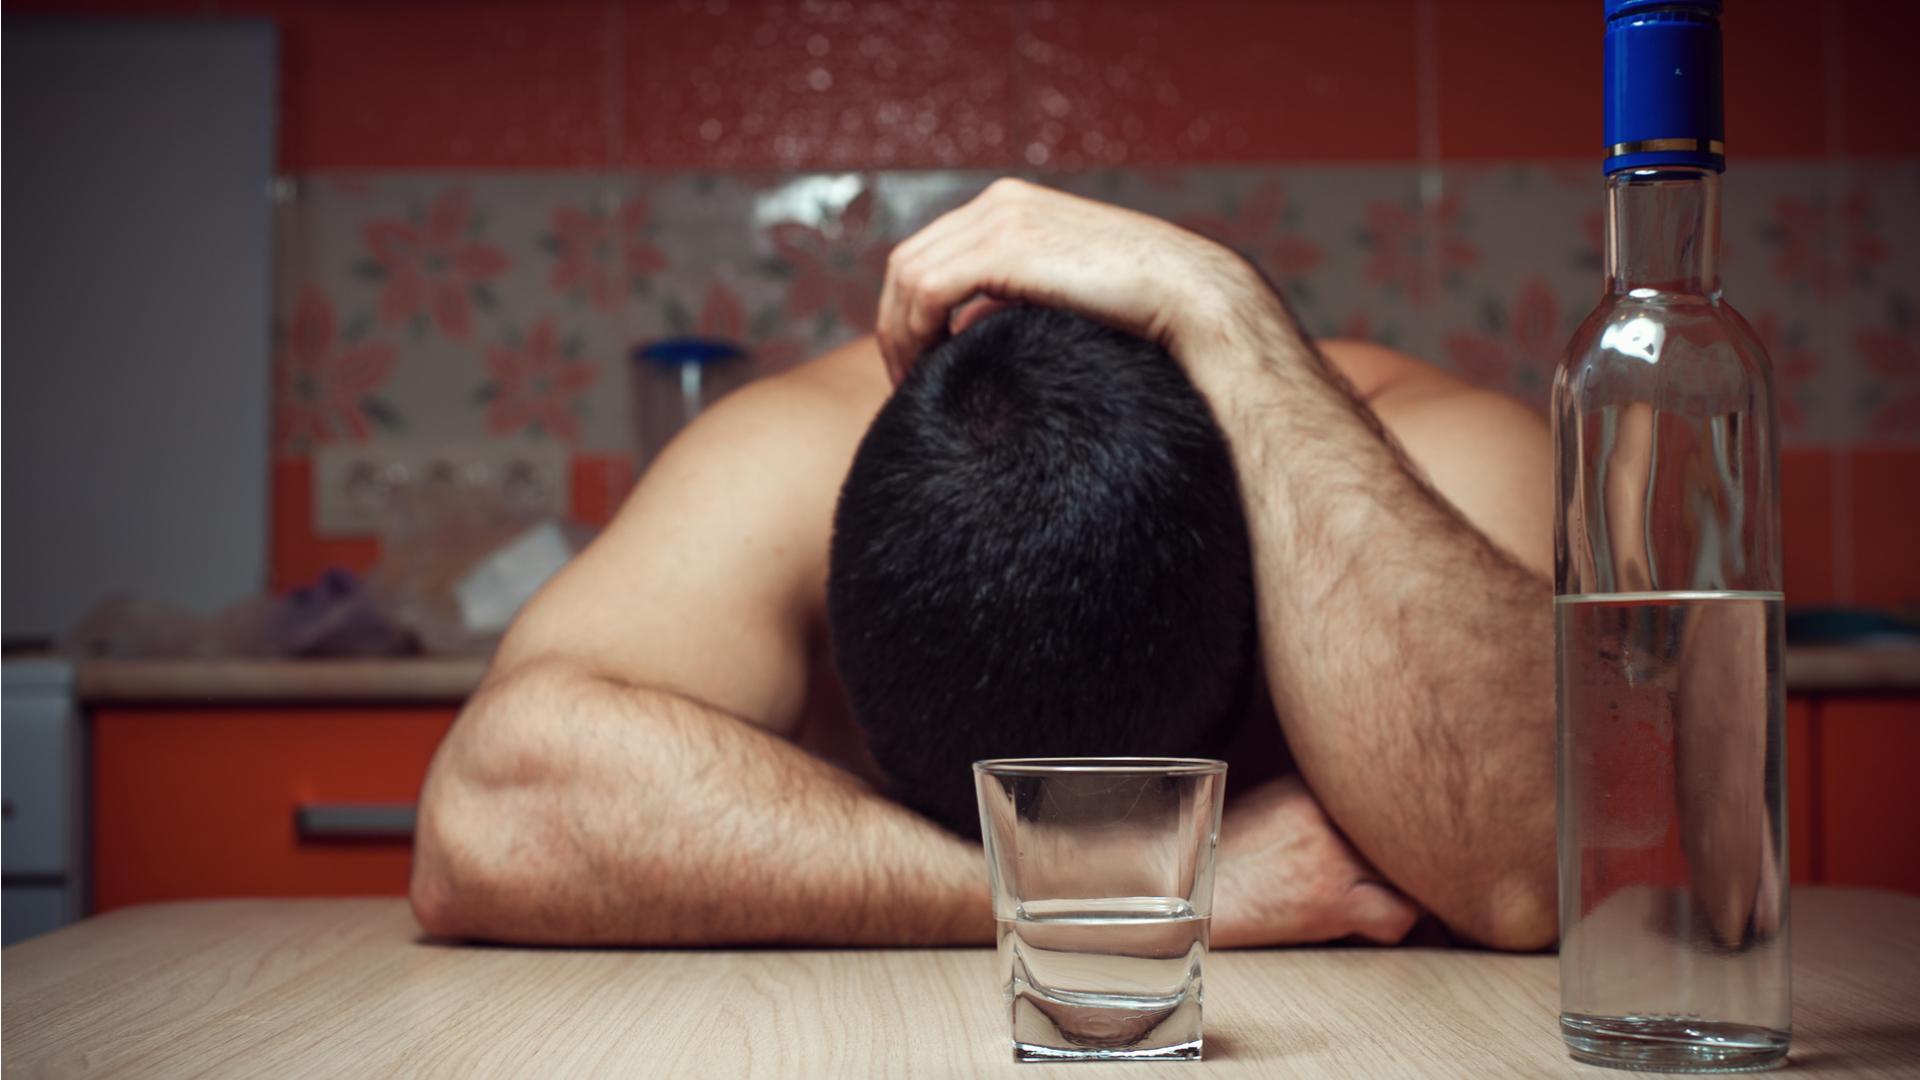 Как помочь пьющему человеку выйти из состояния запоя